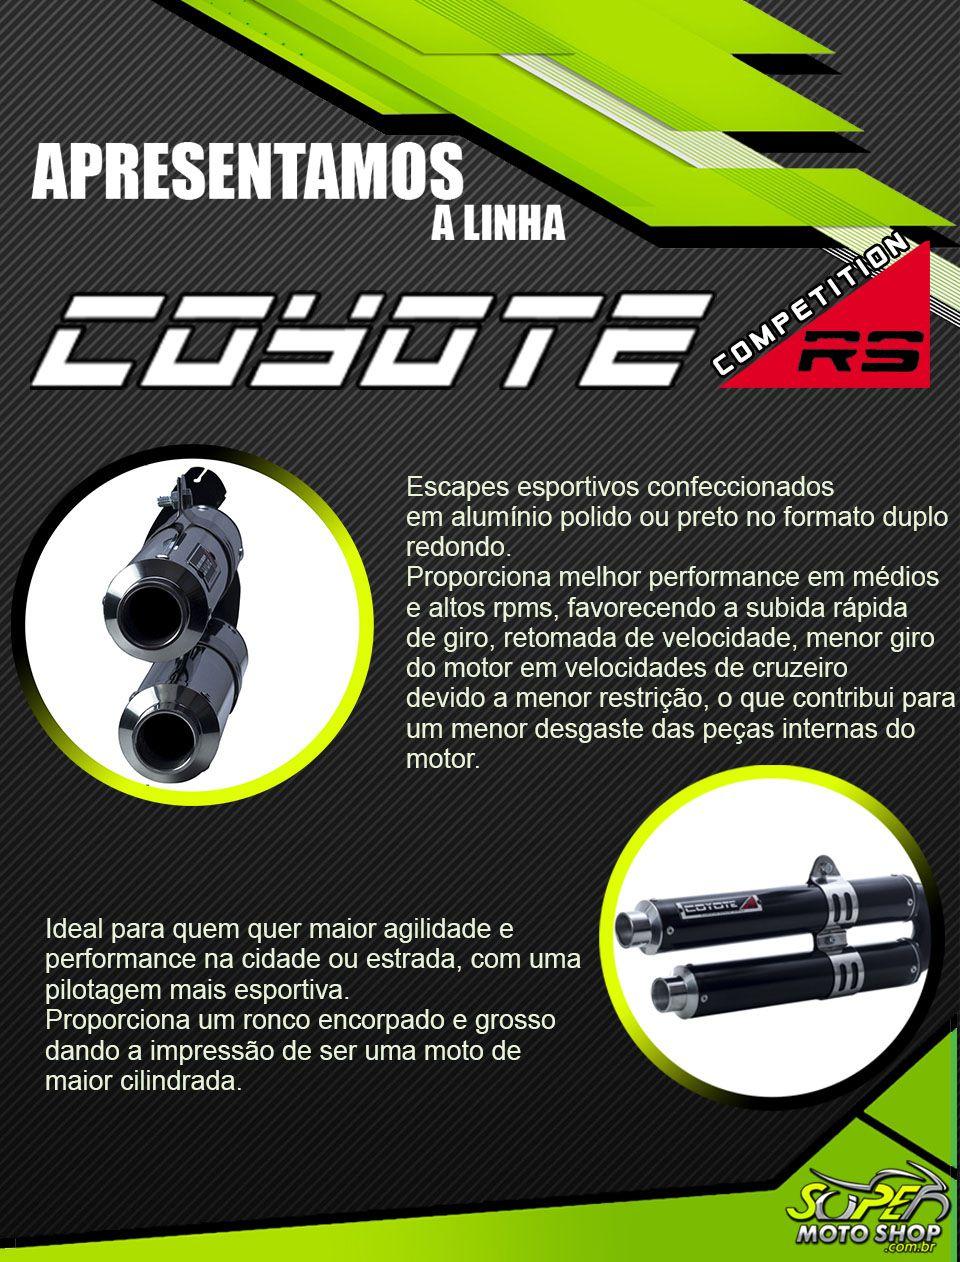 Escape / Ponteira Coyote Competition Duplo em Alumínio - CG 150 Titan KS/ES até 2008 - Honda